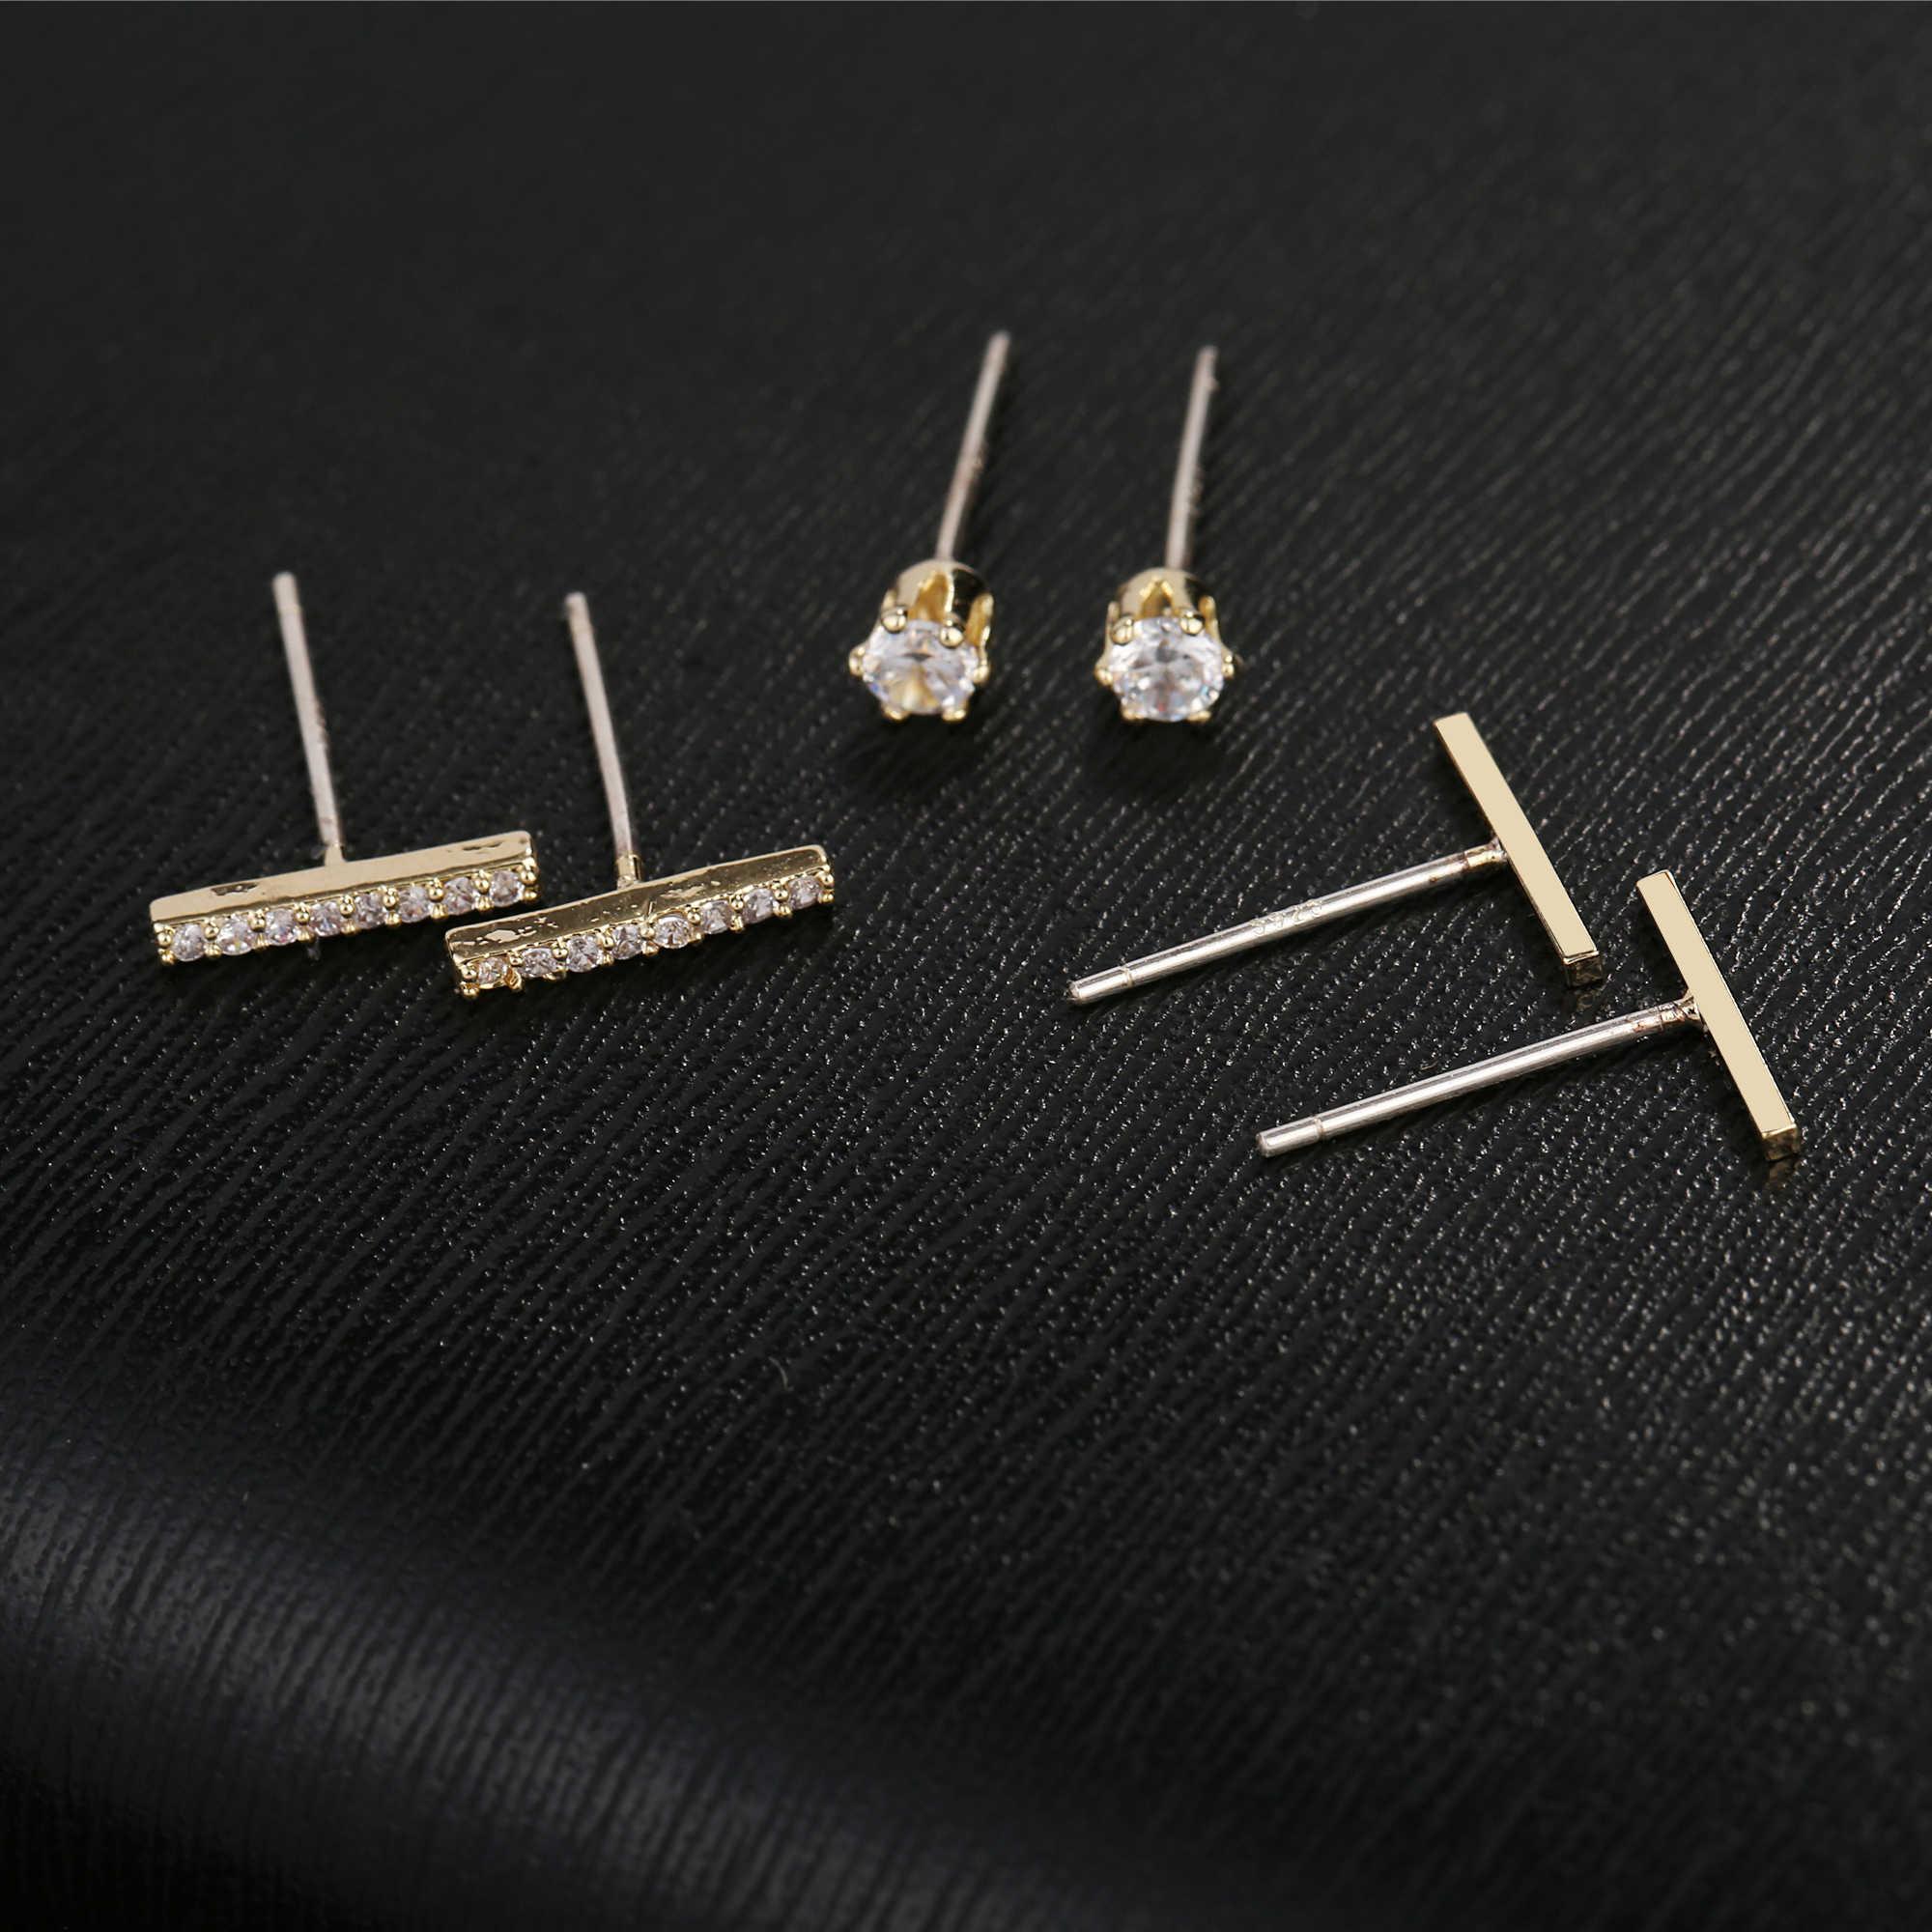 MIGGA 3 paires petits bâtons géométriques Zircon cubique boucles d'oreilles couleur or femmes clous ensemble bijoux